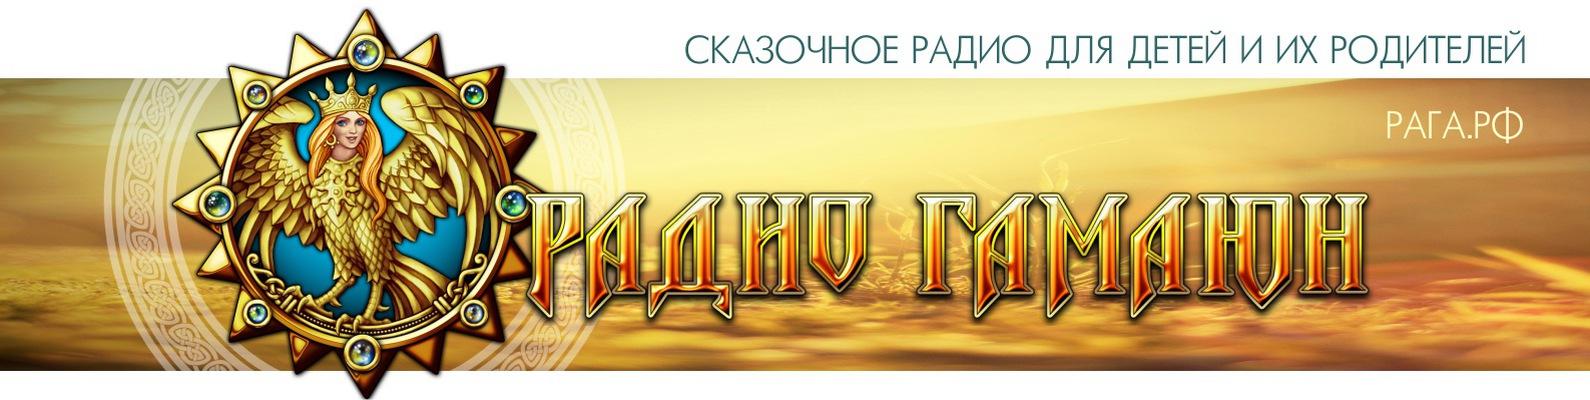 Славянские мелодии скачать